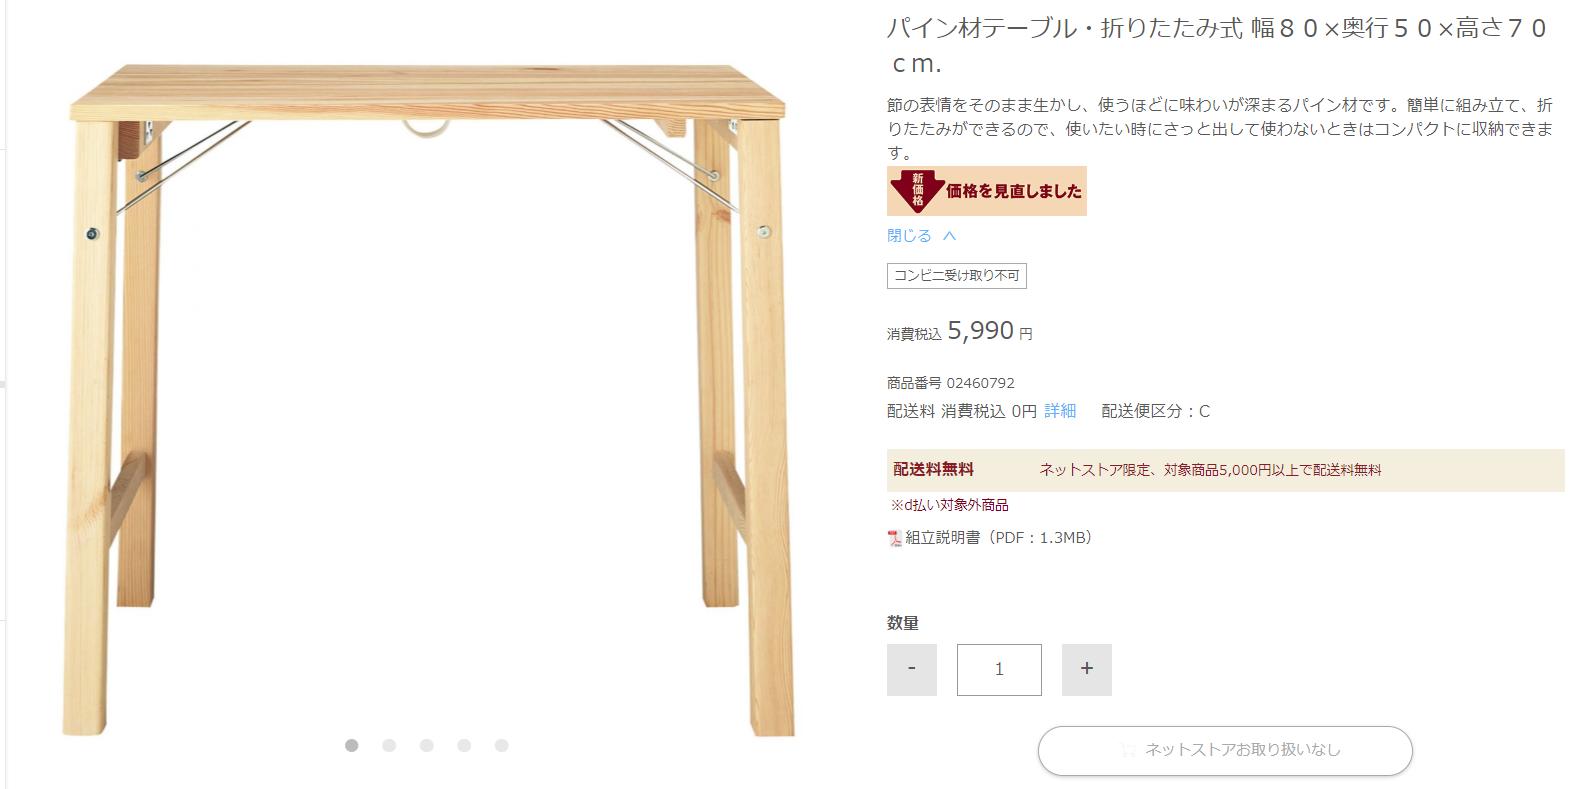 無印折りたたみテーブル